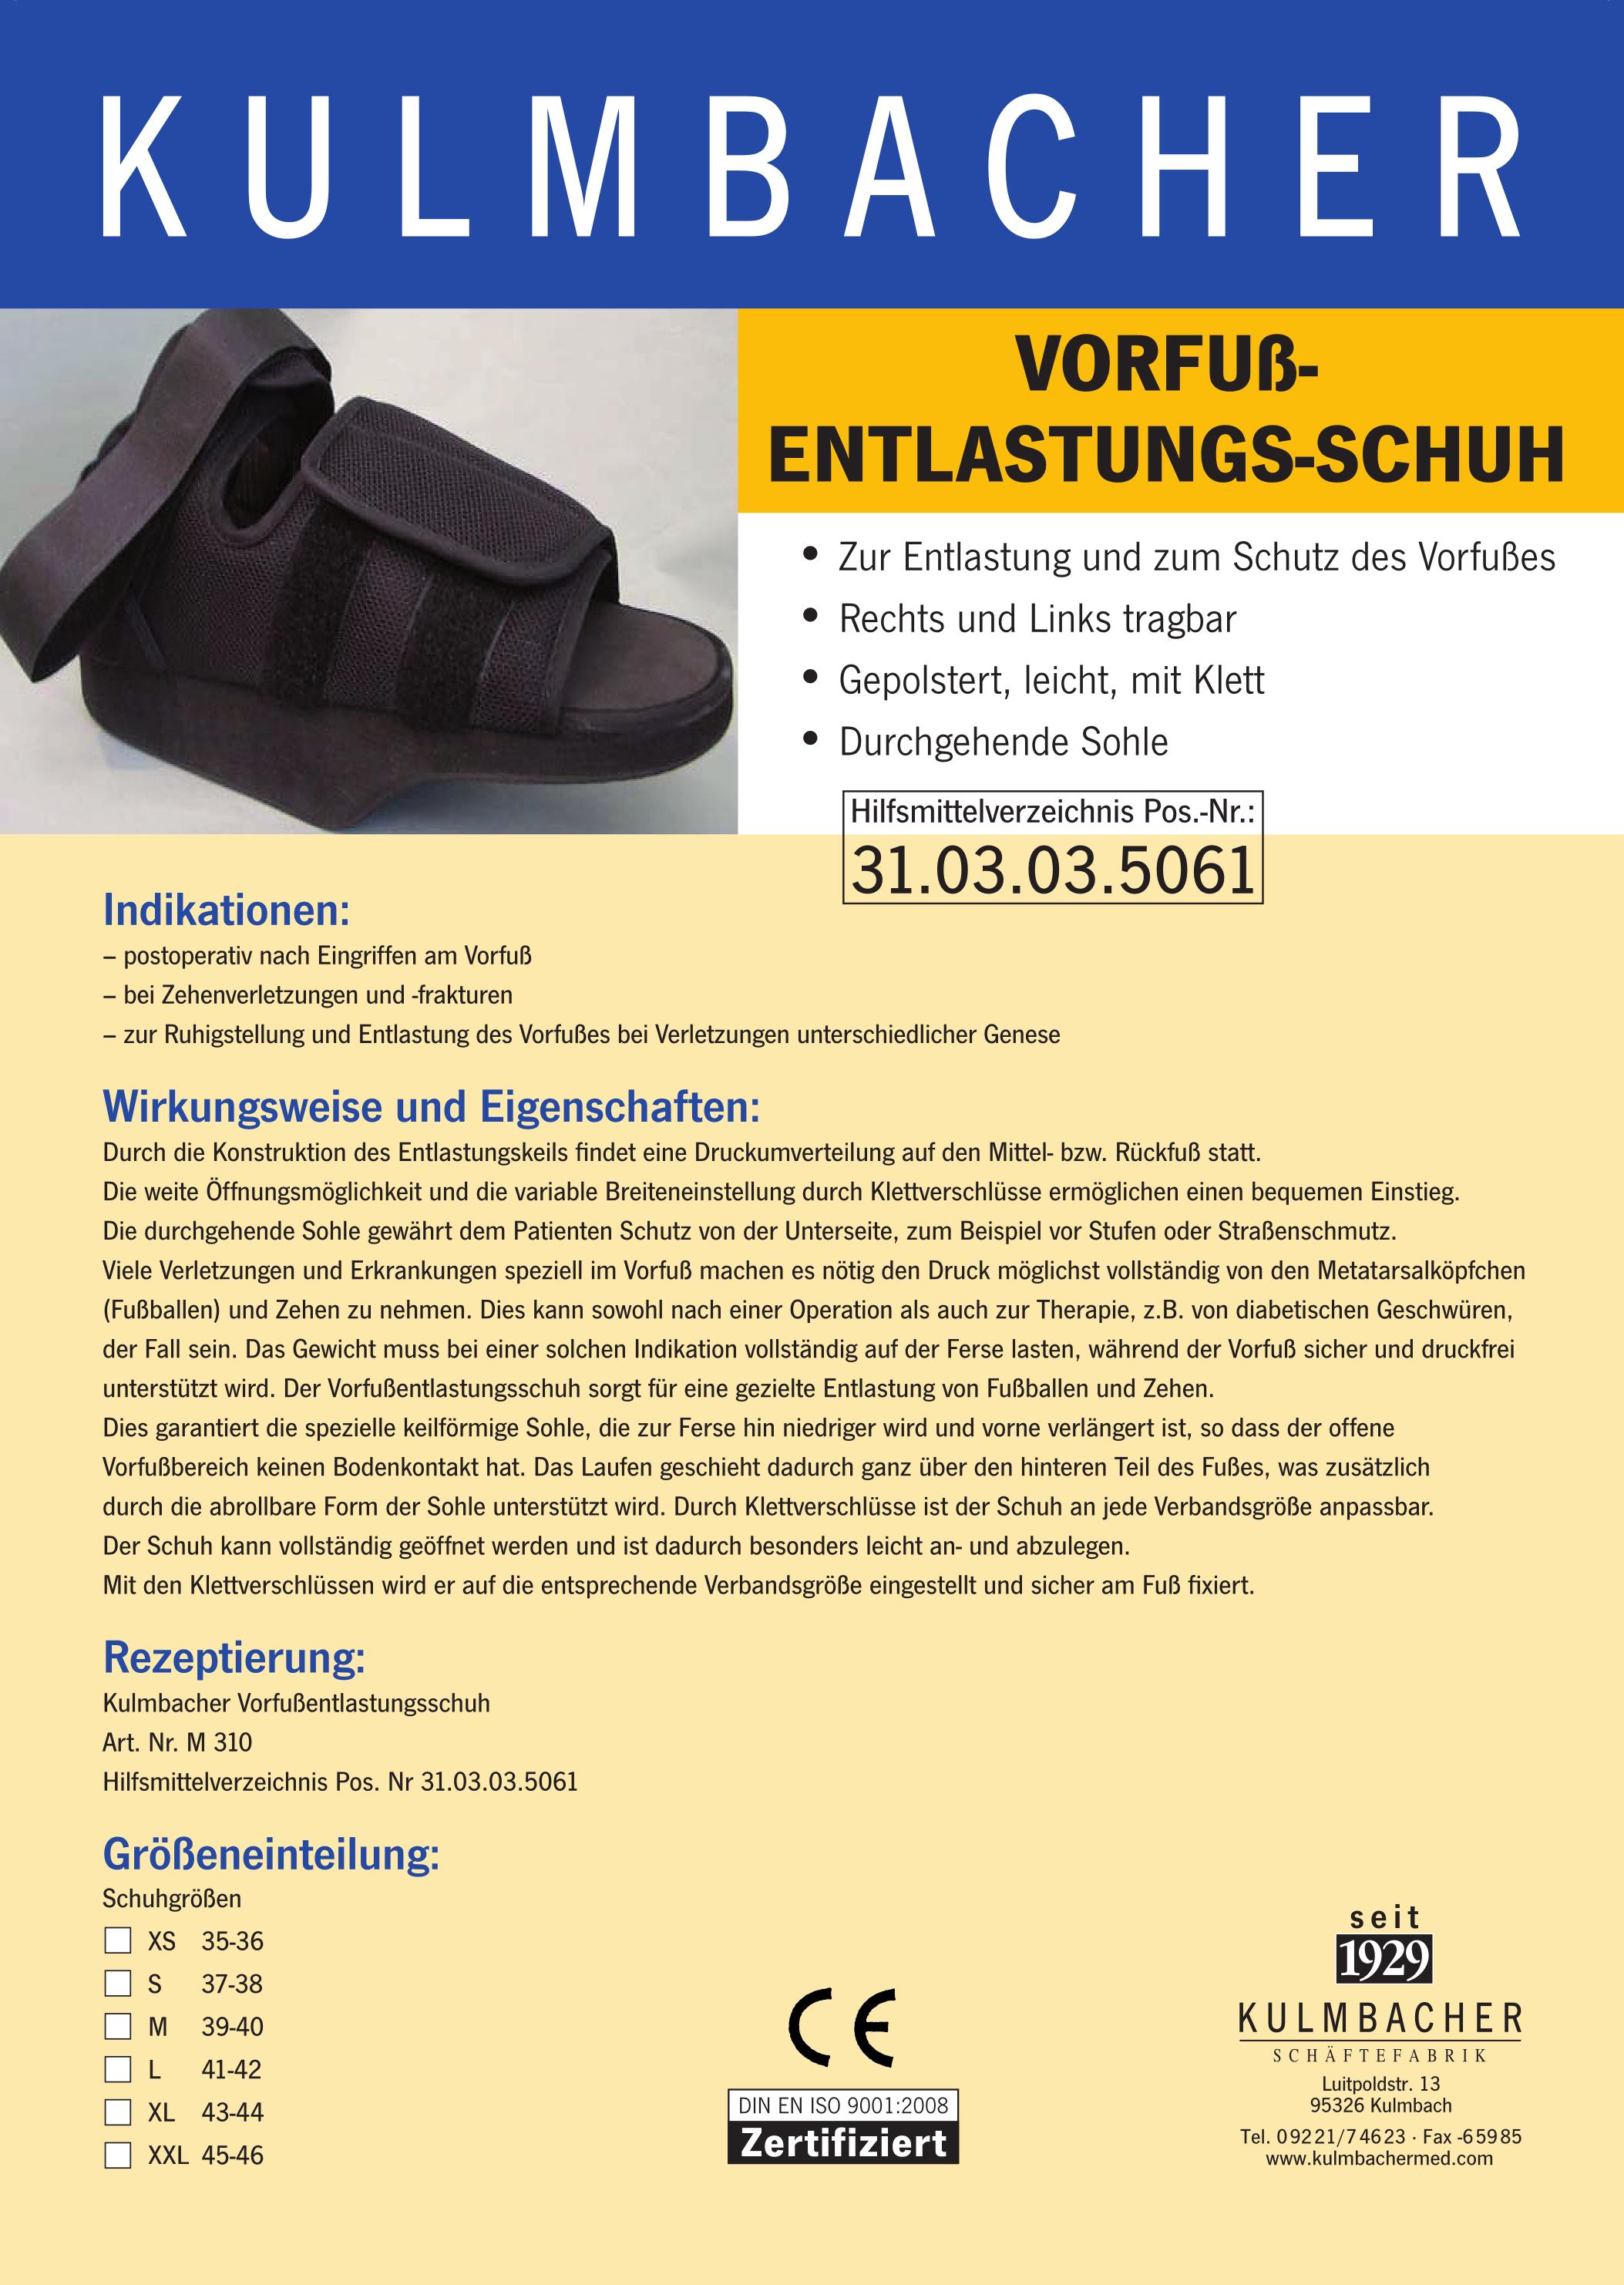 Vorfuß-Entlastungs-Schuh Prospekt